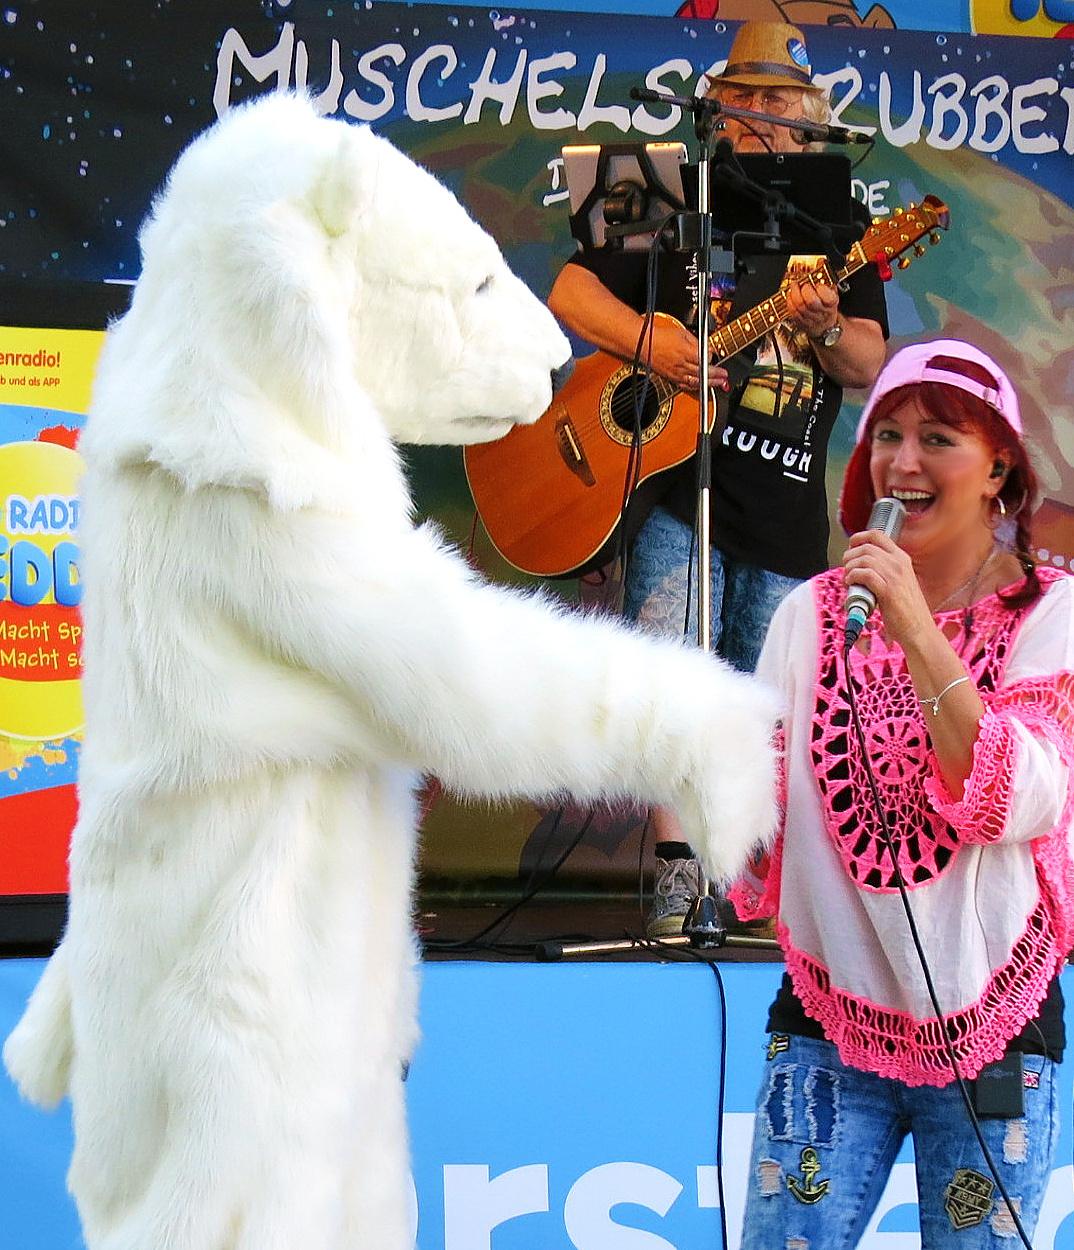 Muschelschrubber Elli mit dem Eisbär von Greenpeace